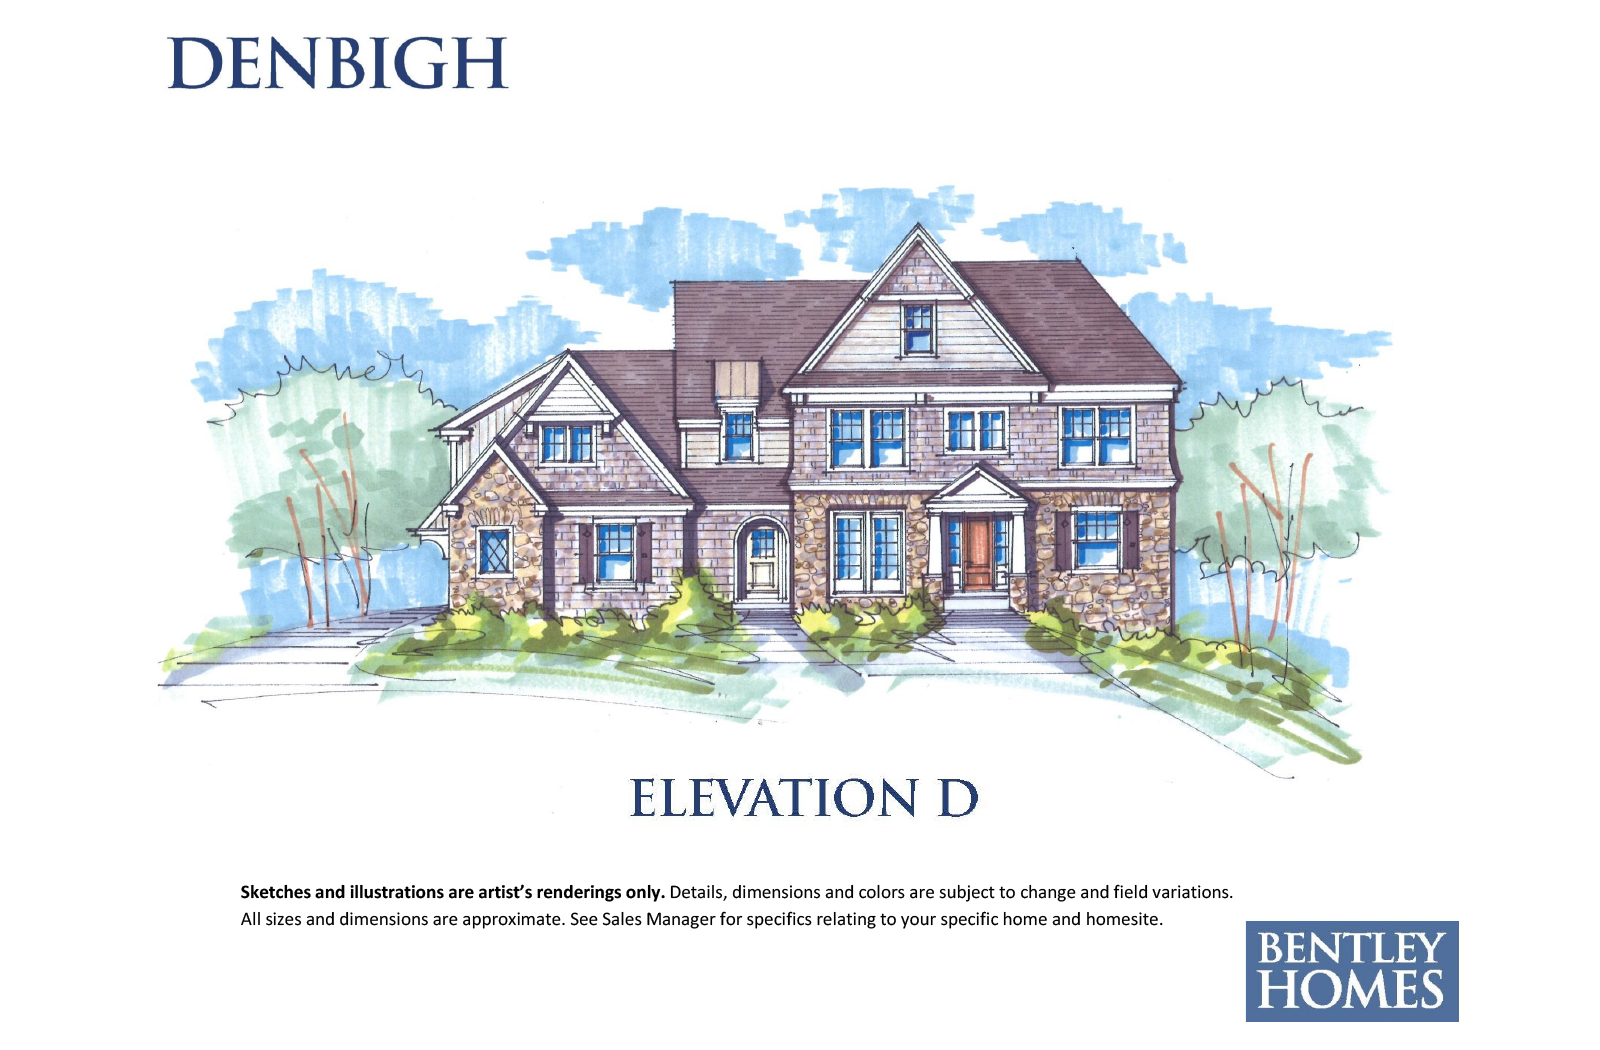 Denbigh illustration of elevation D for Bentley Homes.